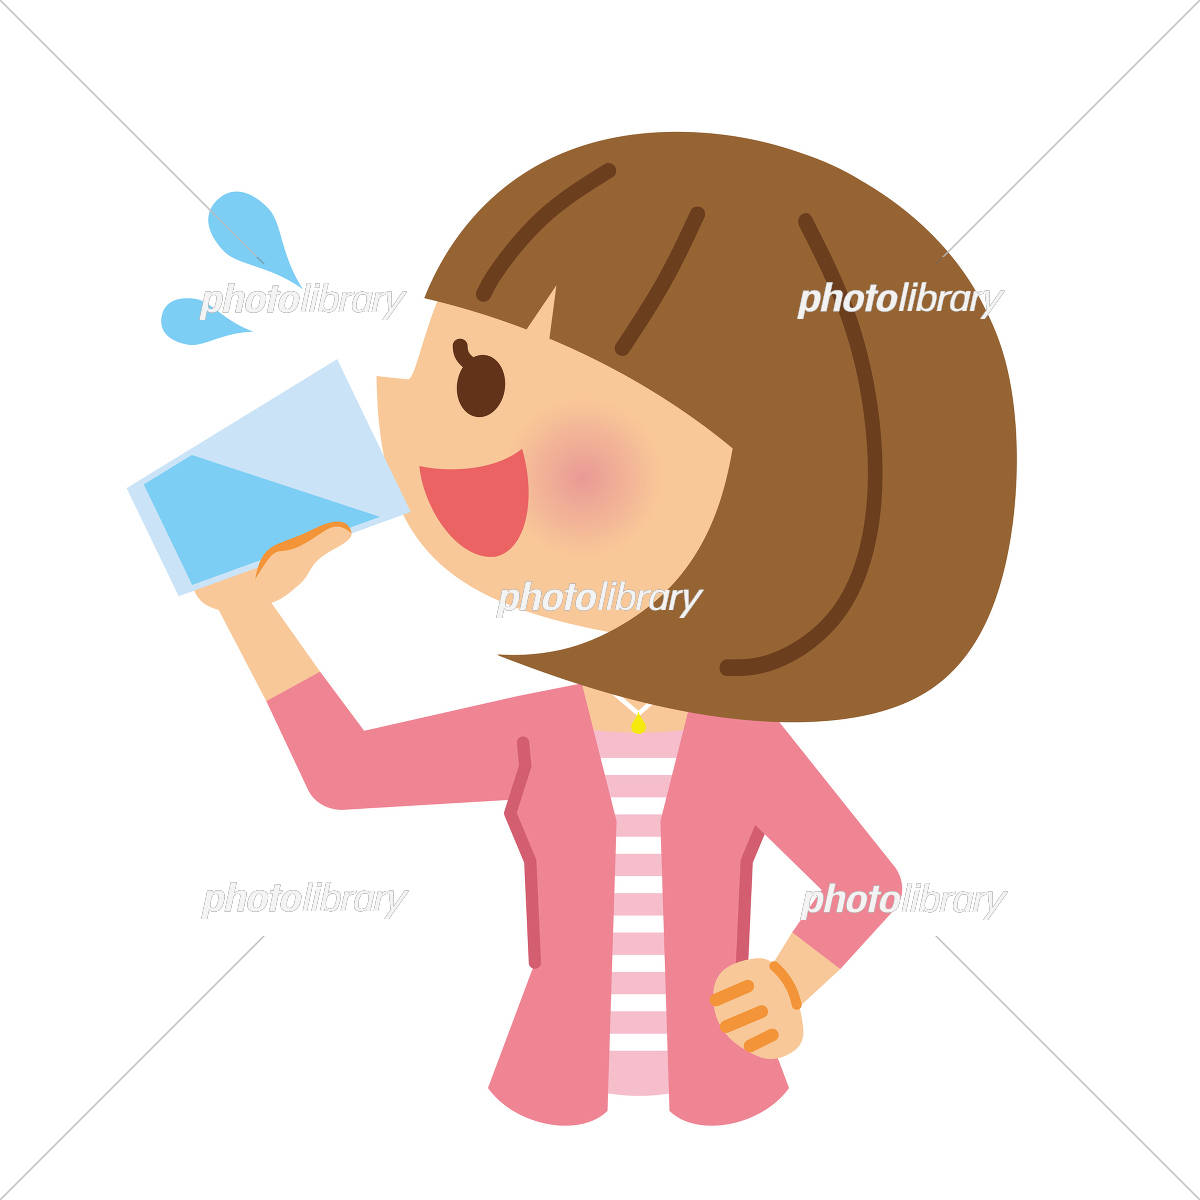 水分補給 女性 イラスト素材 5140141 フォトライブラリー Photolibrary